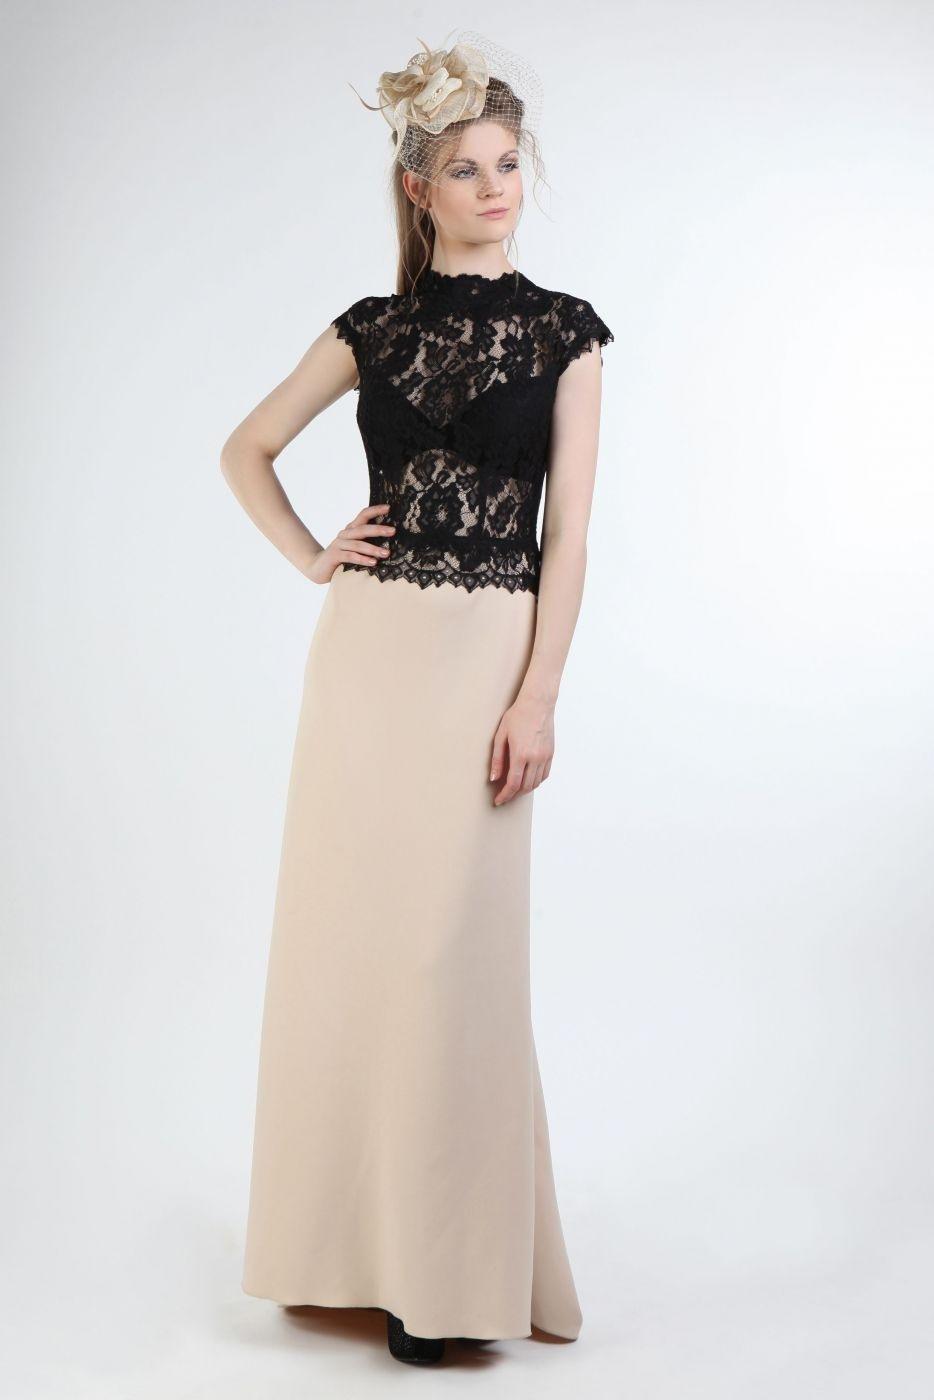 13 Schön Abendkleider Kostenloser Versand Spezialgebiet15 Wunderbar Abendkleider Kostenloser Versand Bester Preis